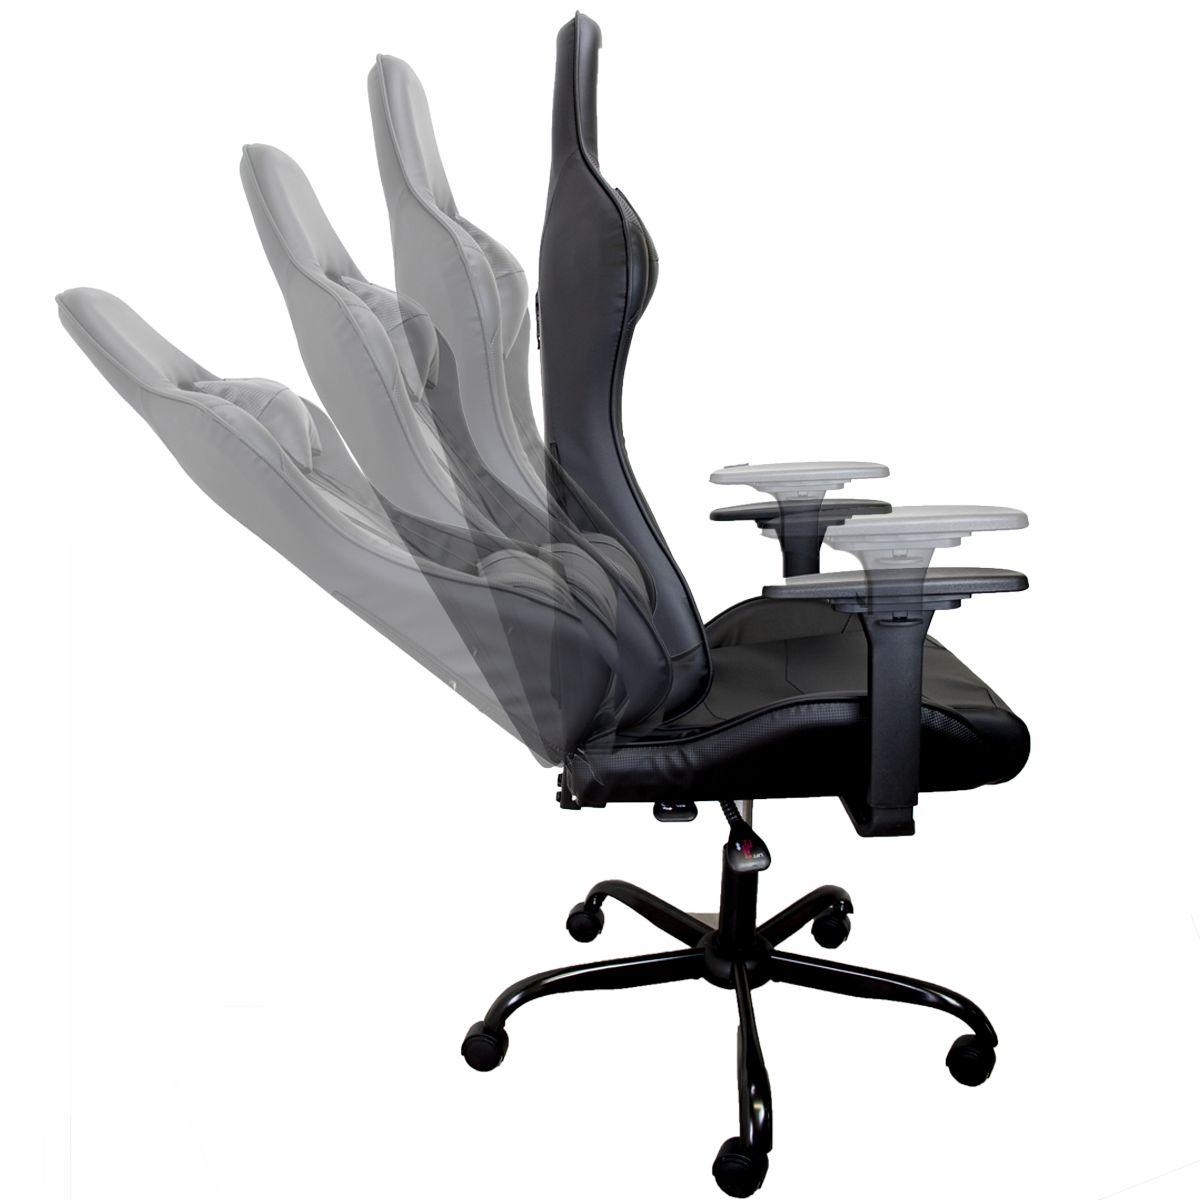 miniatura 7 - Sedia Poltrona da Gaming per Ufficio reclinabile Imbottita ergonomica GTX RTX